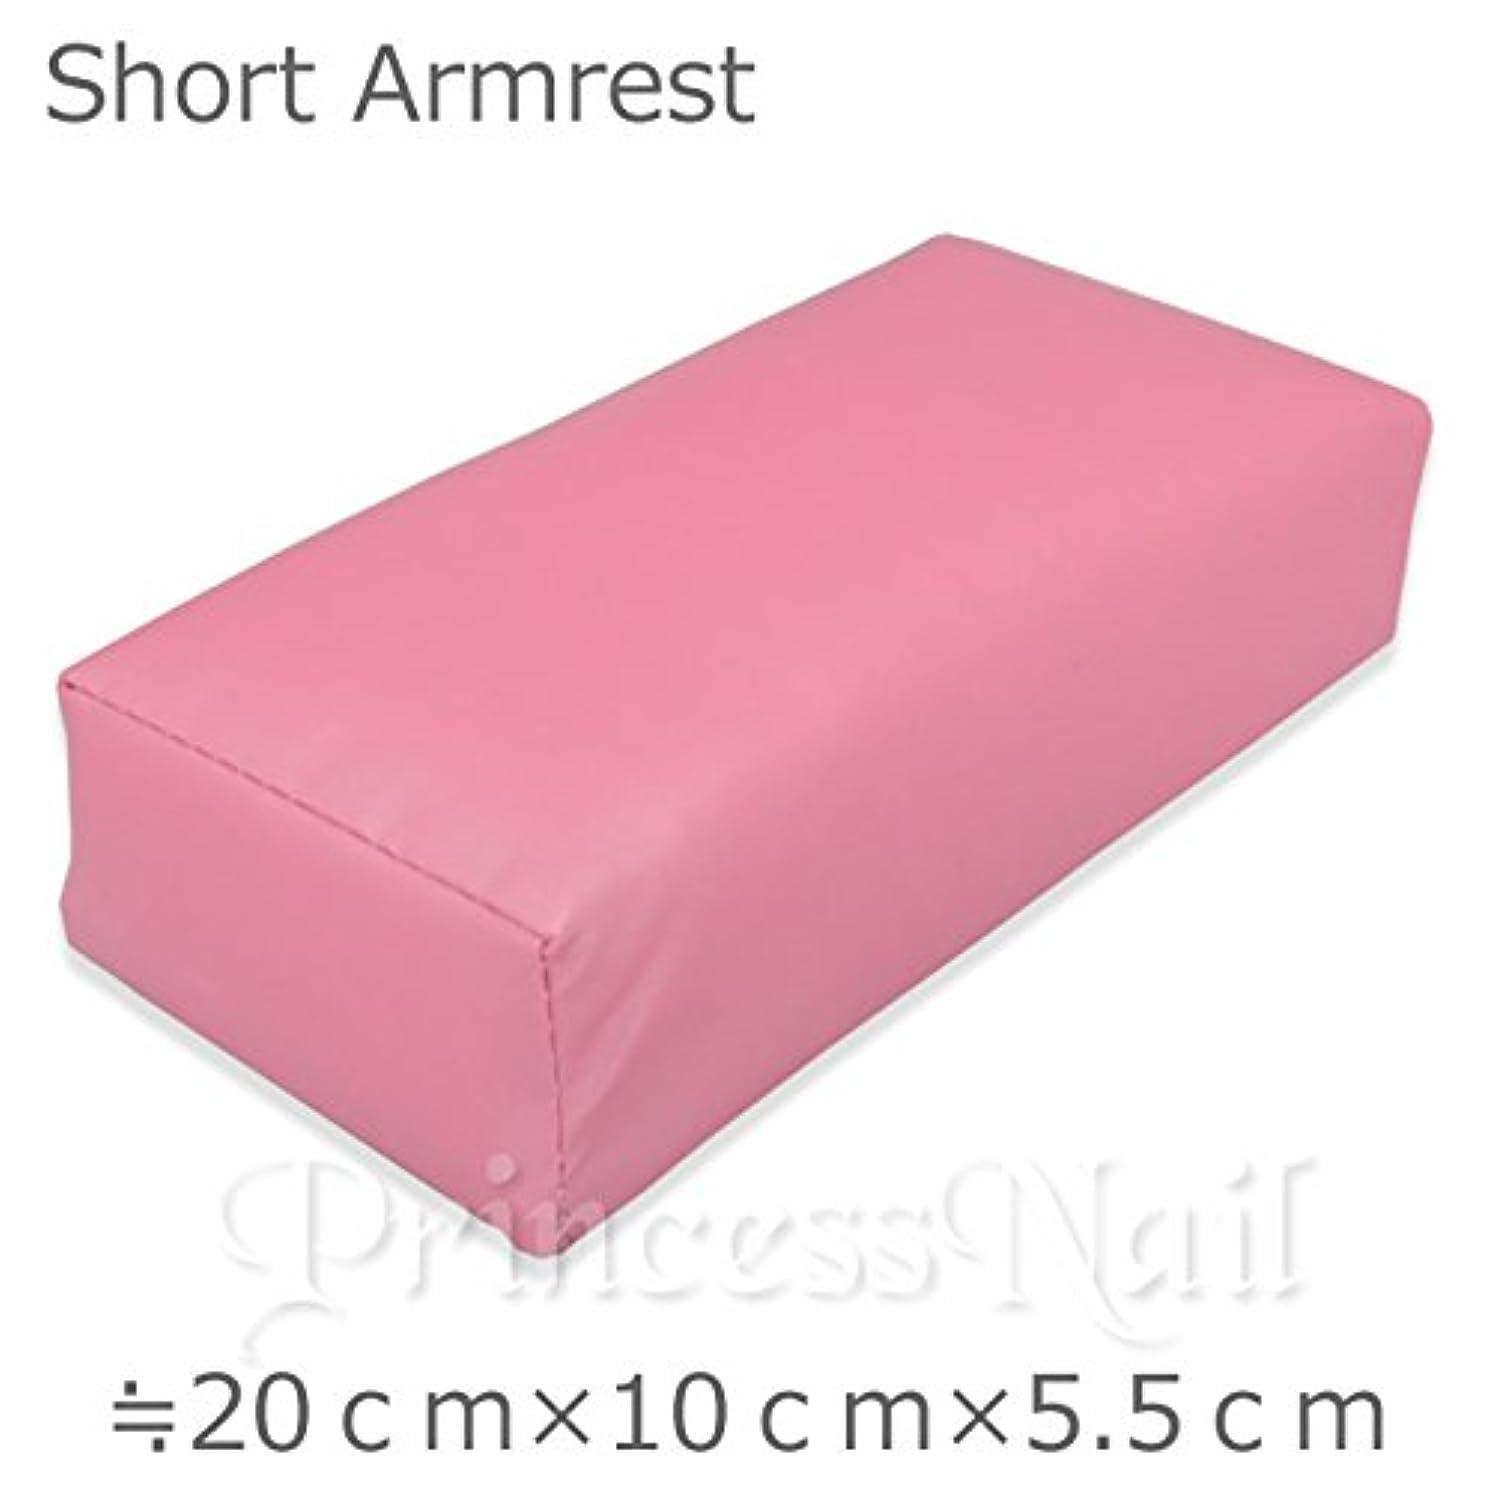 風が強い誇大妄想建てるネイルケア用アームレスト ショートタイプ ハンドピロー 手枕 D10cm×W20cm×H5.5cm ハンド枕